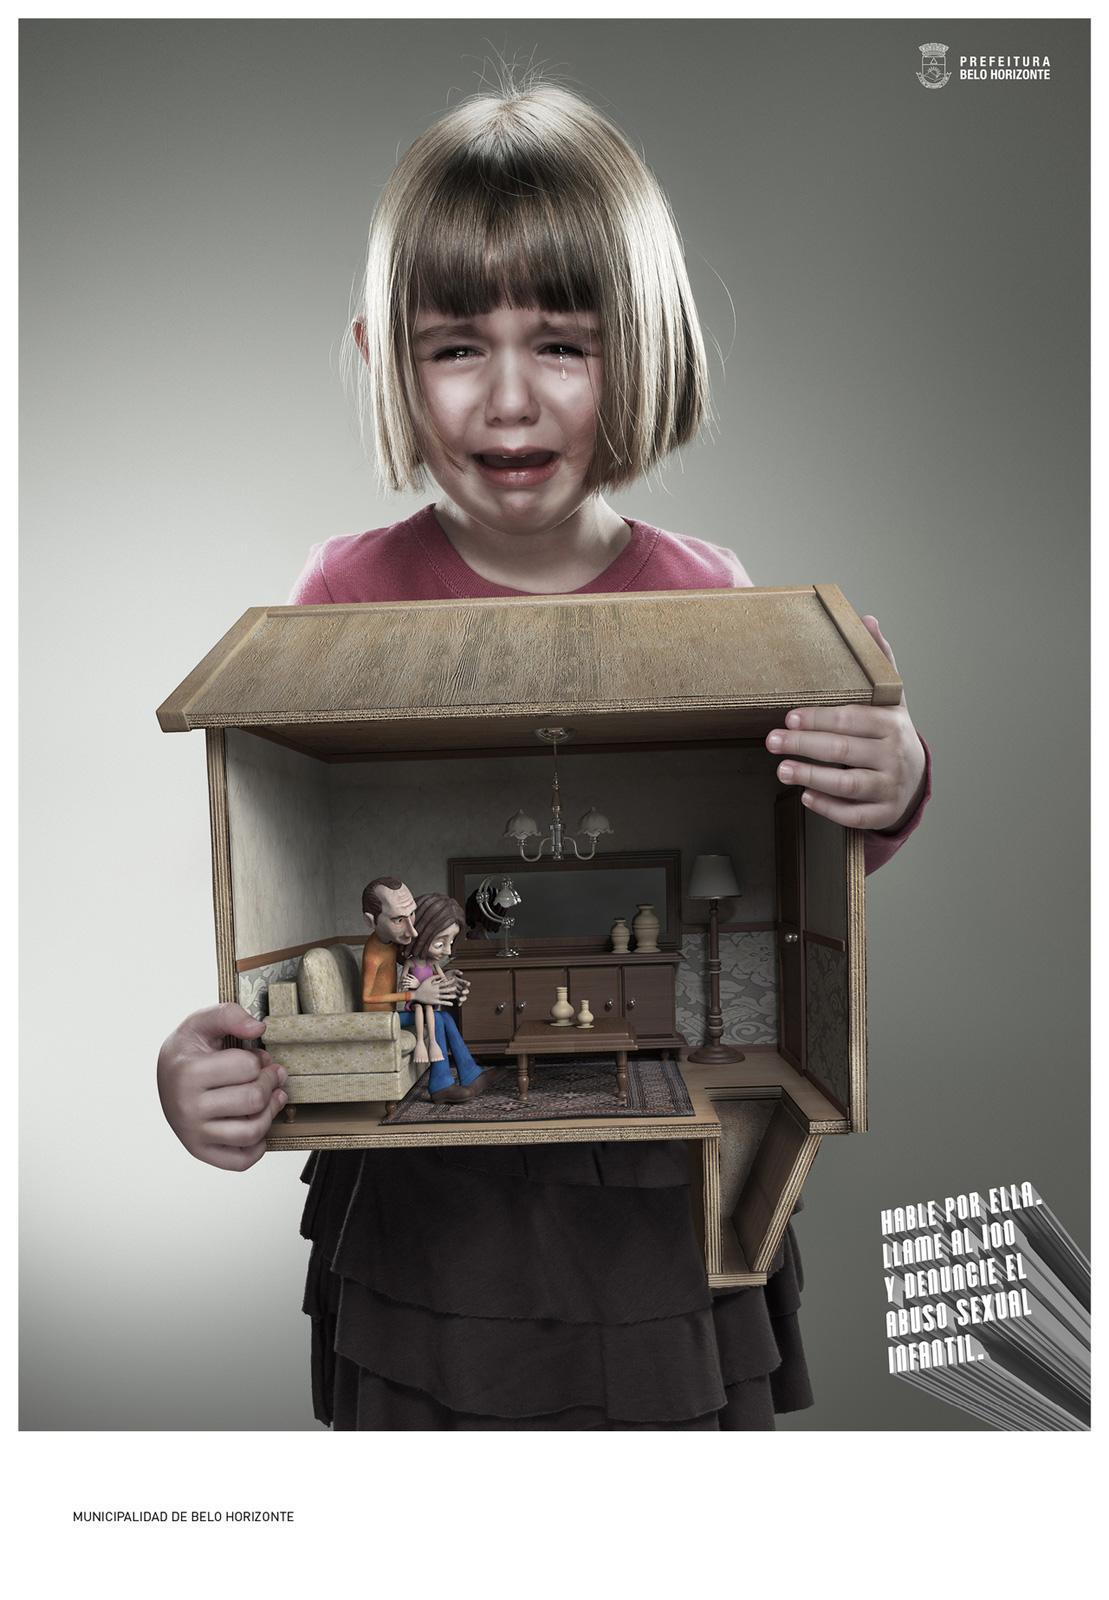 Prefeitura De Belo Horizonte Print Ad -  Speak For Her, 2